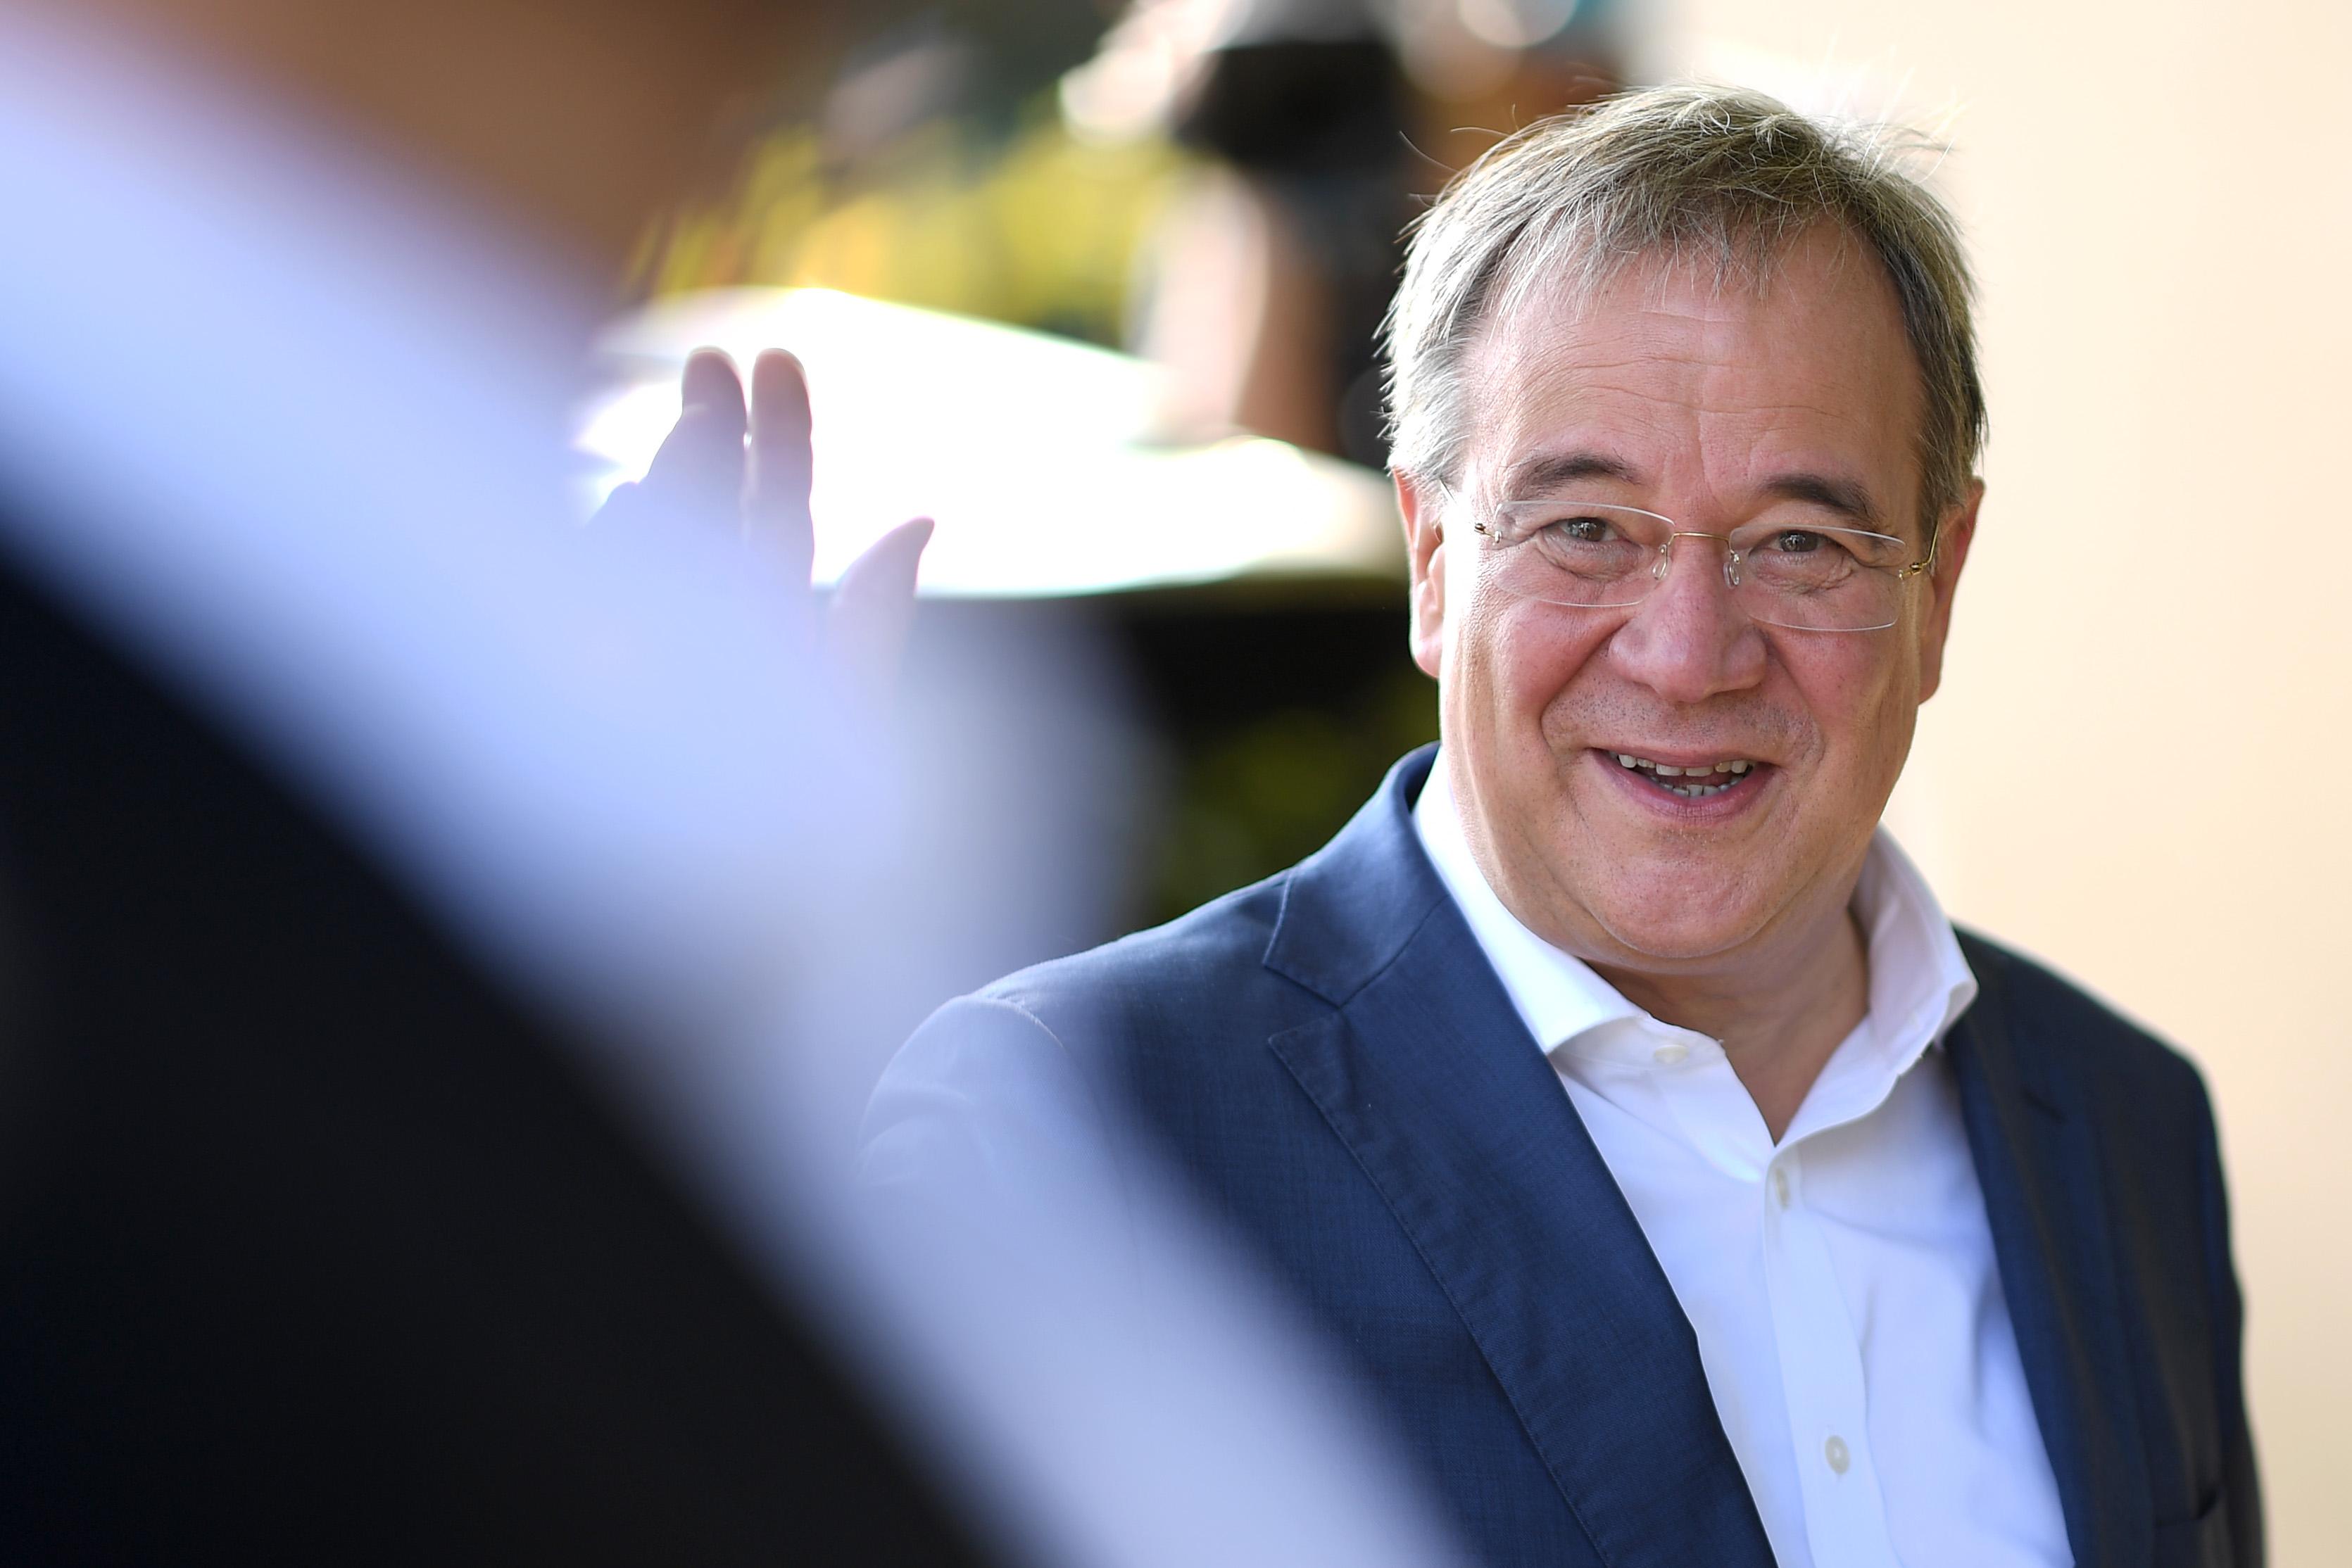 Alegeri în Germania: Candidatul conservator Armin Laschet a comis o gafă la vot